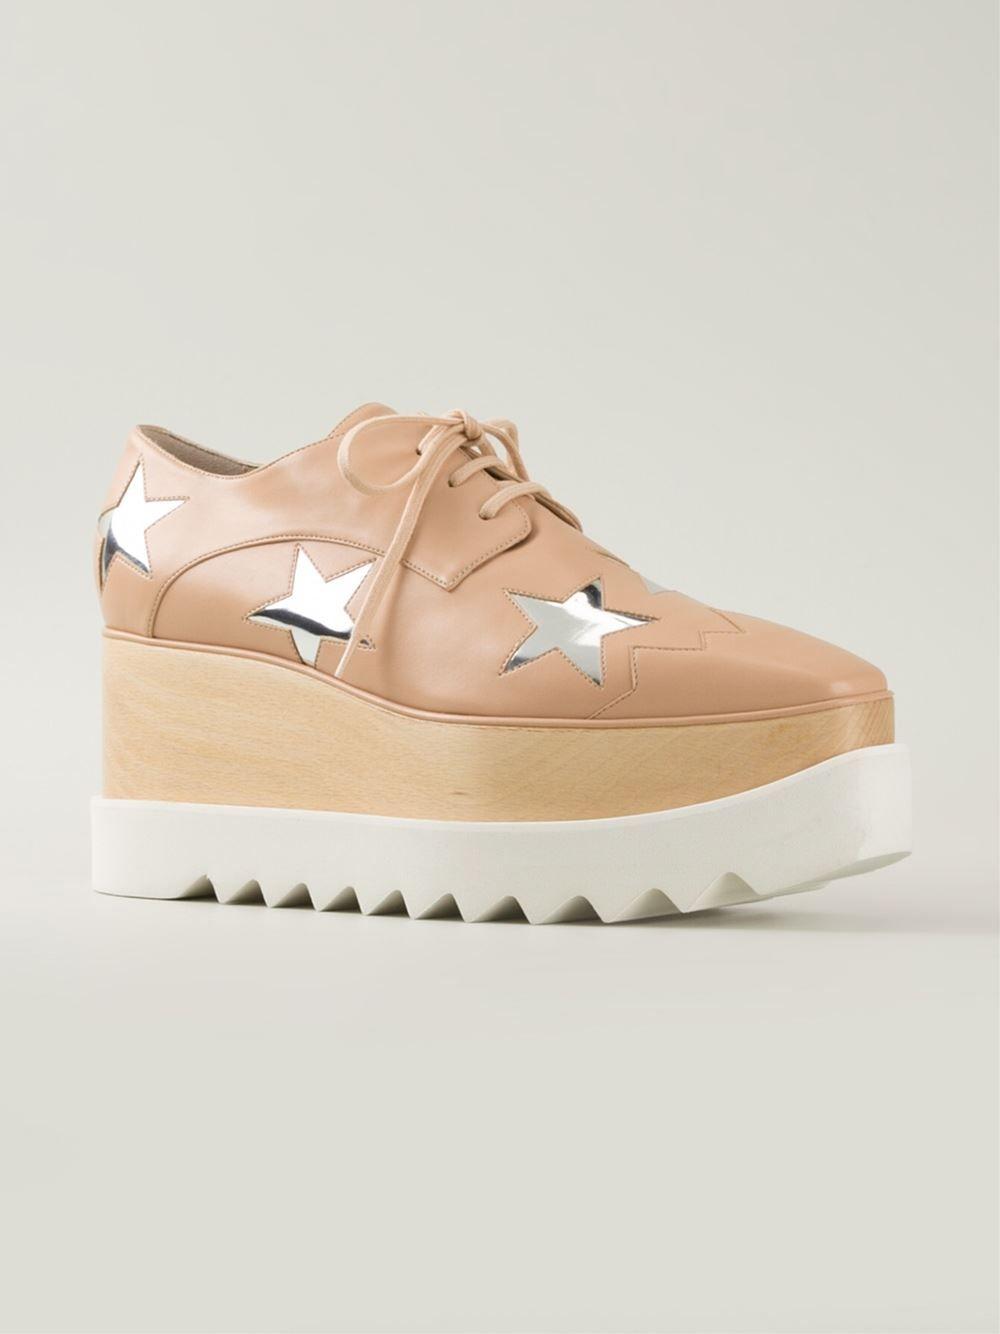 3098772b4fd2 Stella Mccartney  elyse  Shoes - Divo - Farfetch.com